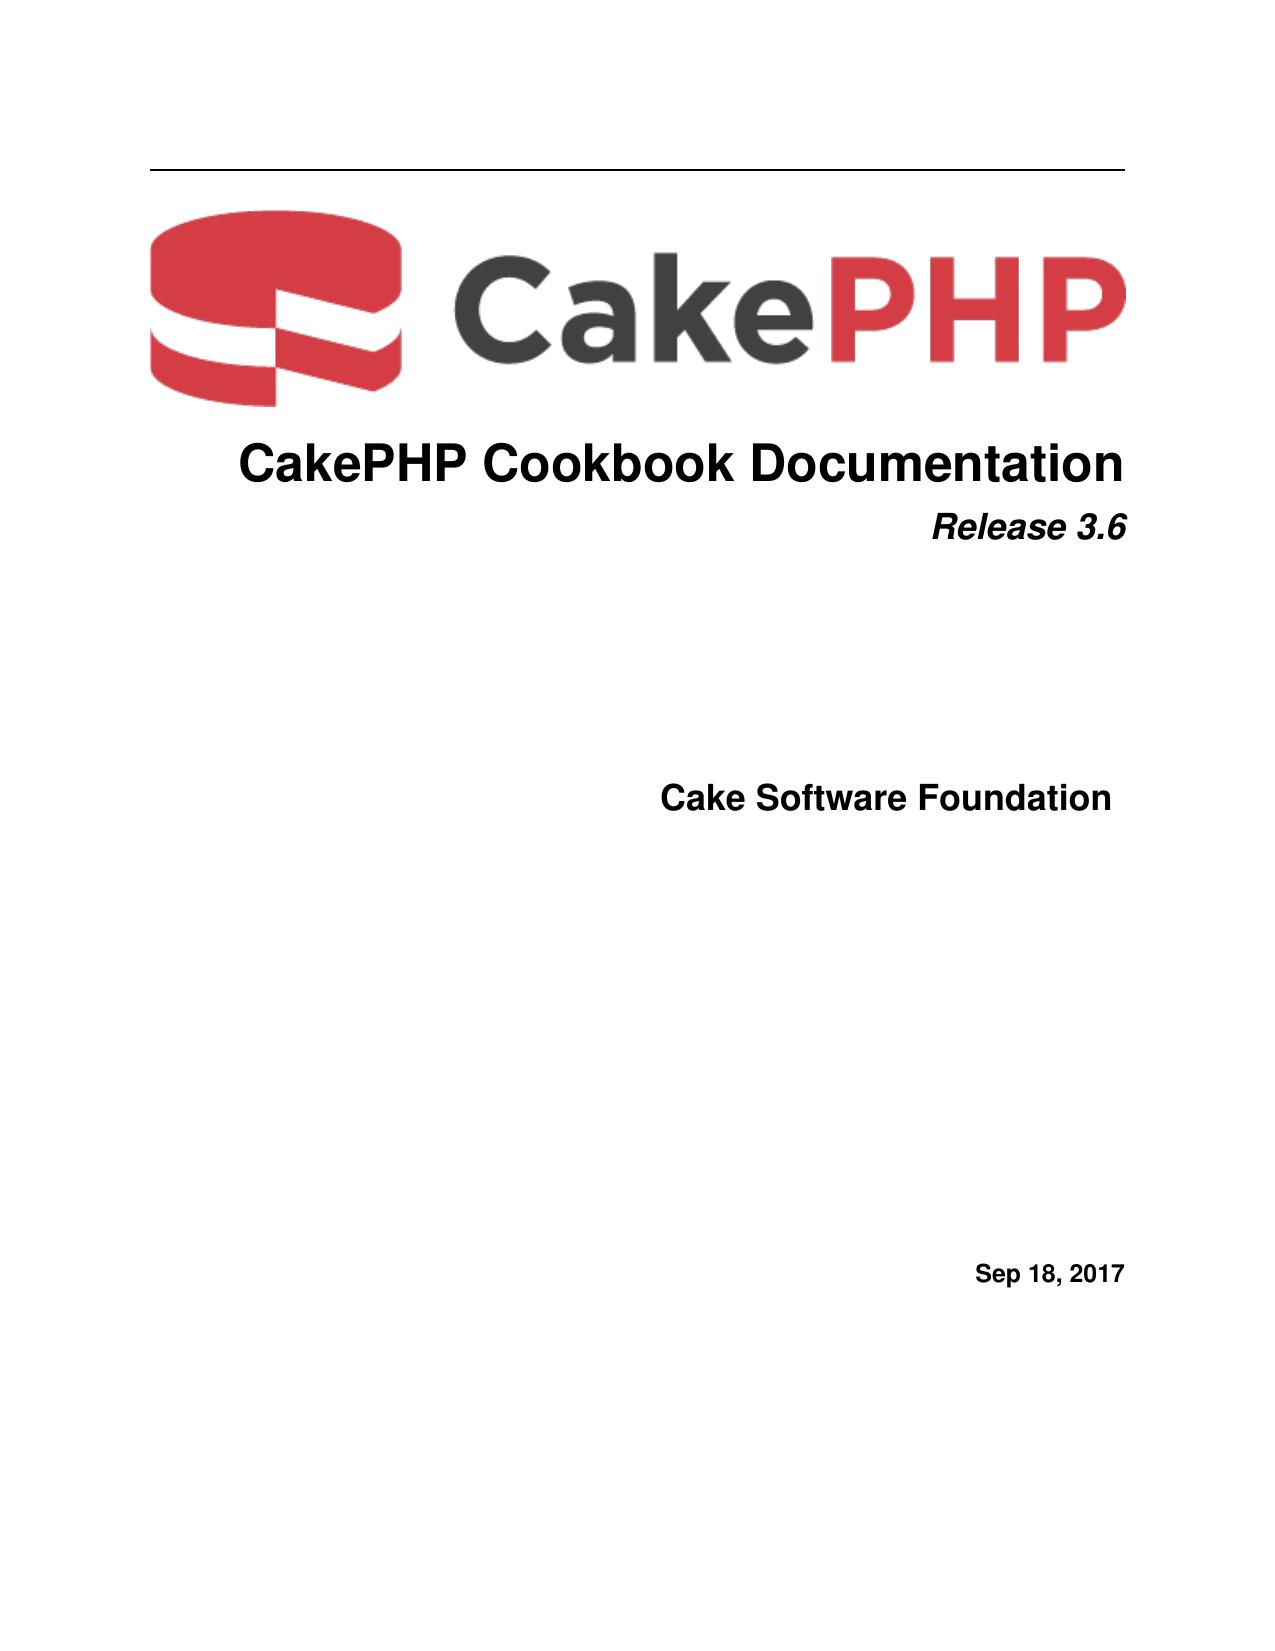 Cakephp Cookbook Documentation Manualzz